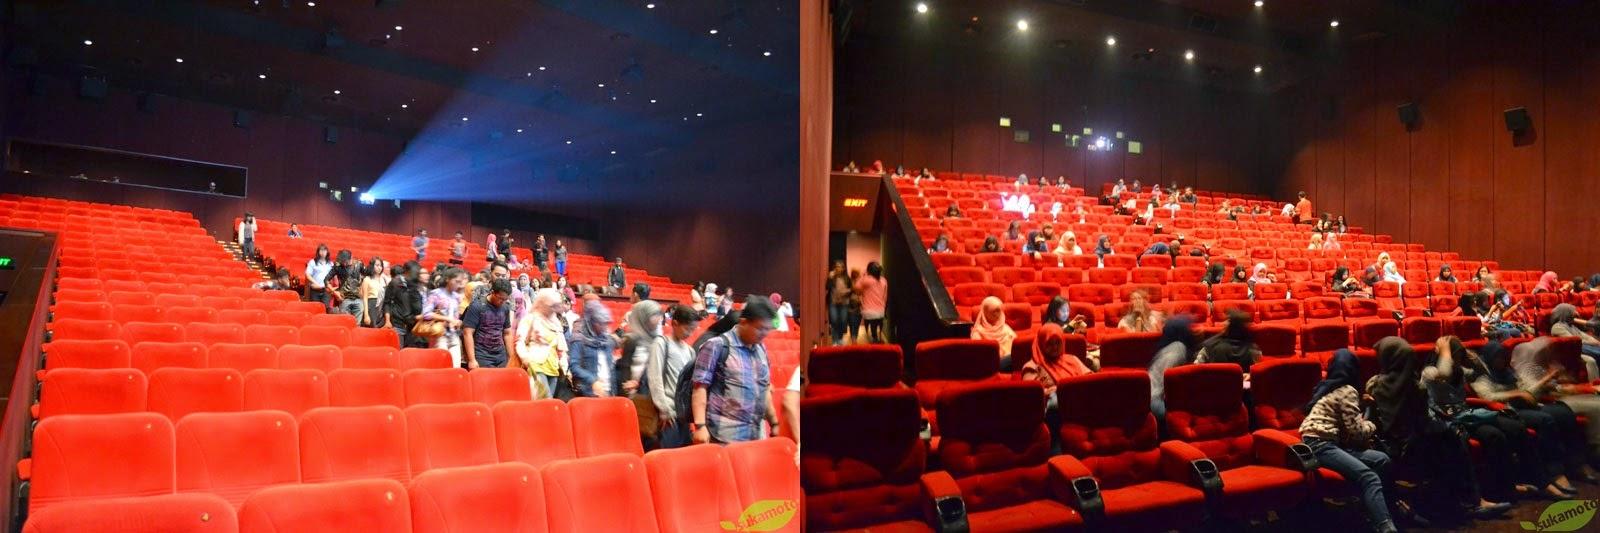 Film Bioskop Di Mall Cijantung Skyfall World Premiere Tickets